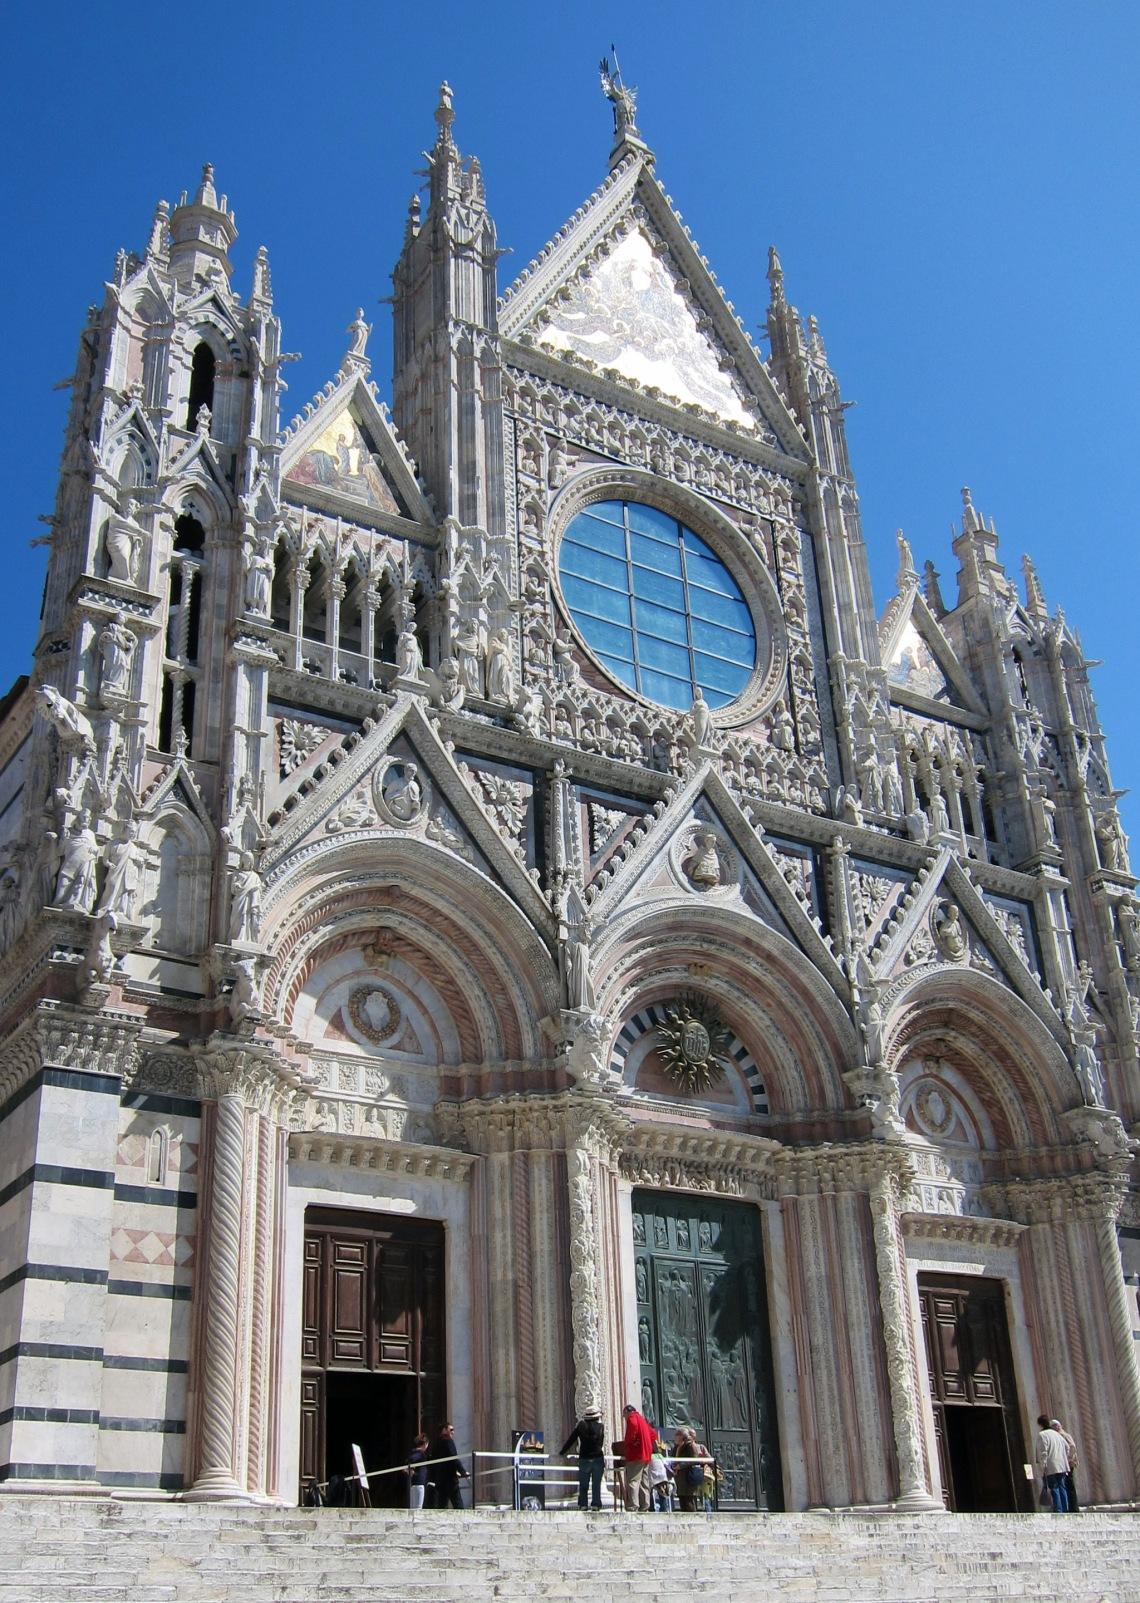 ItalySienaDuomoCathedralMarch2011-5